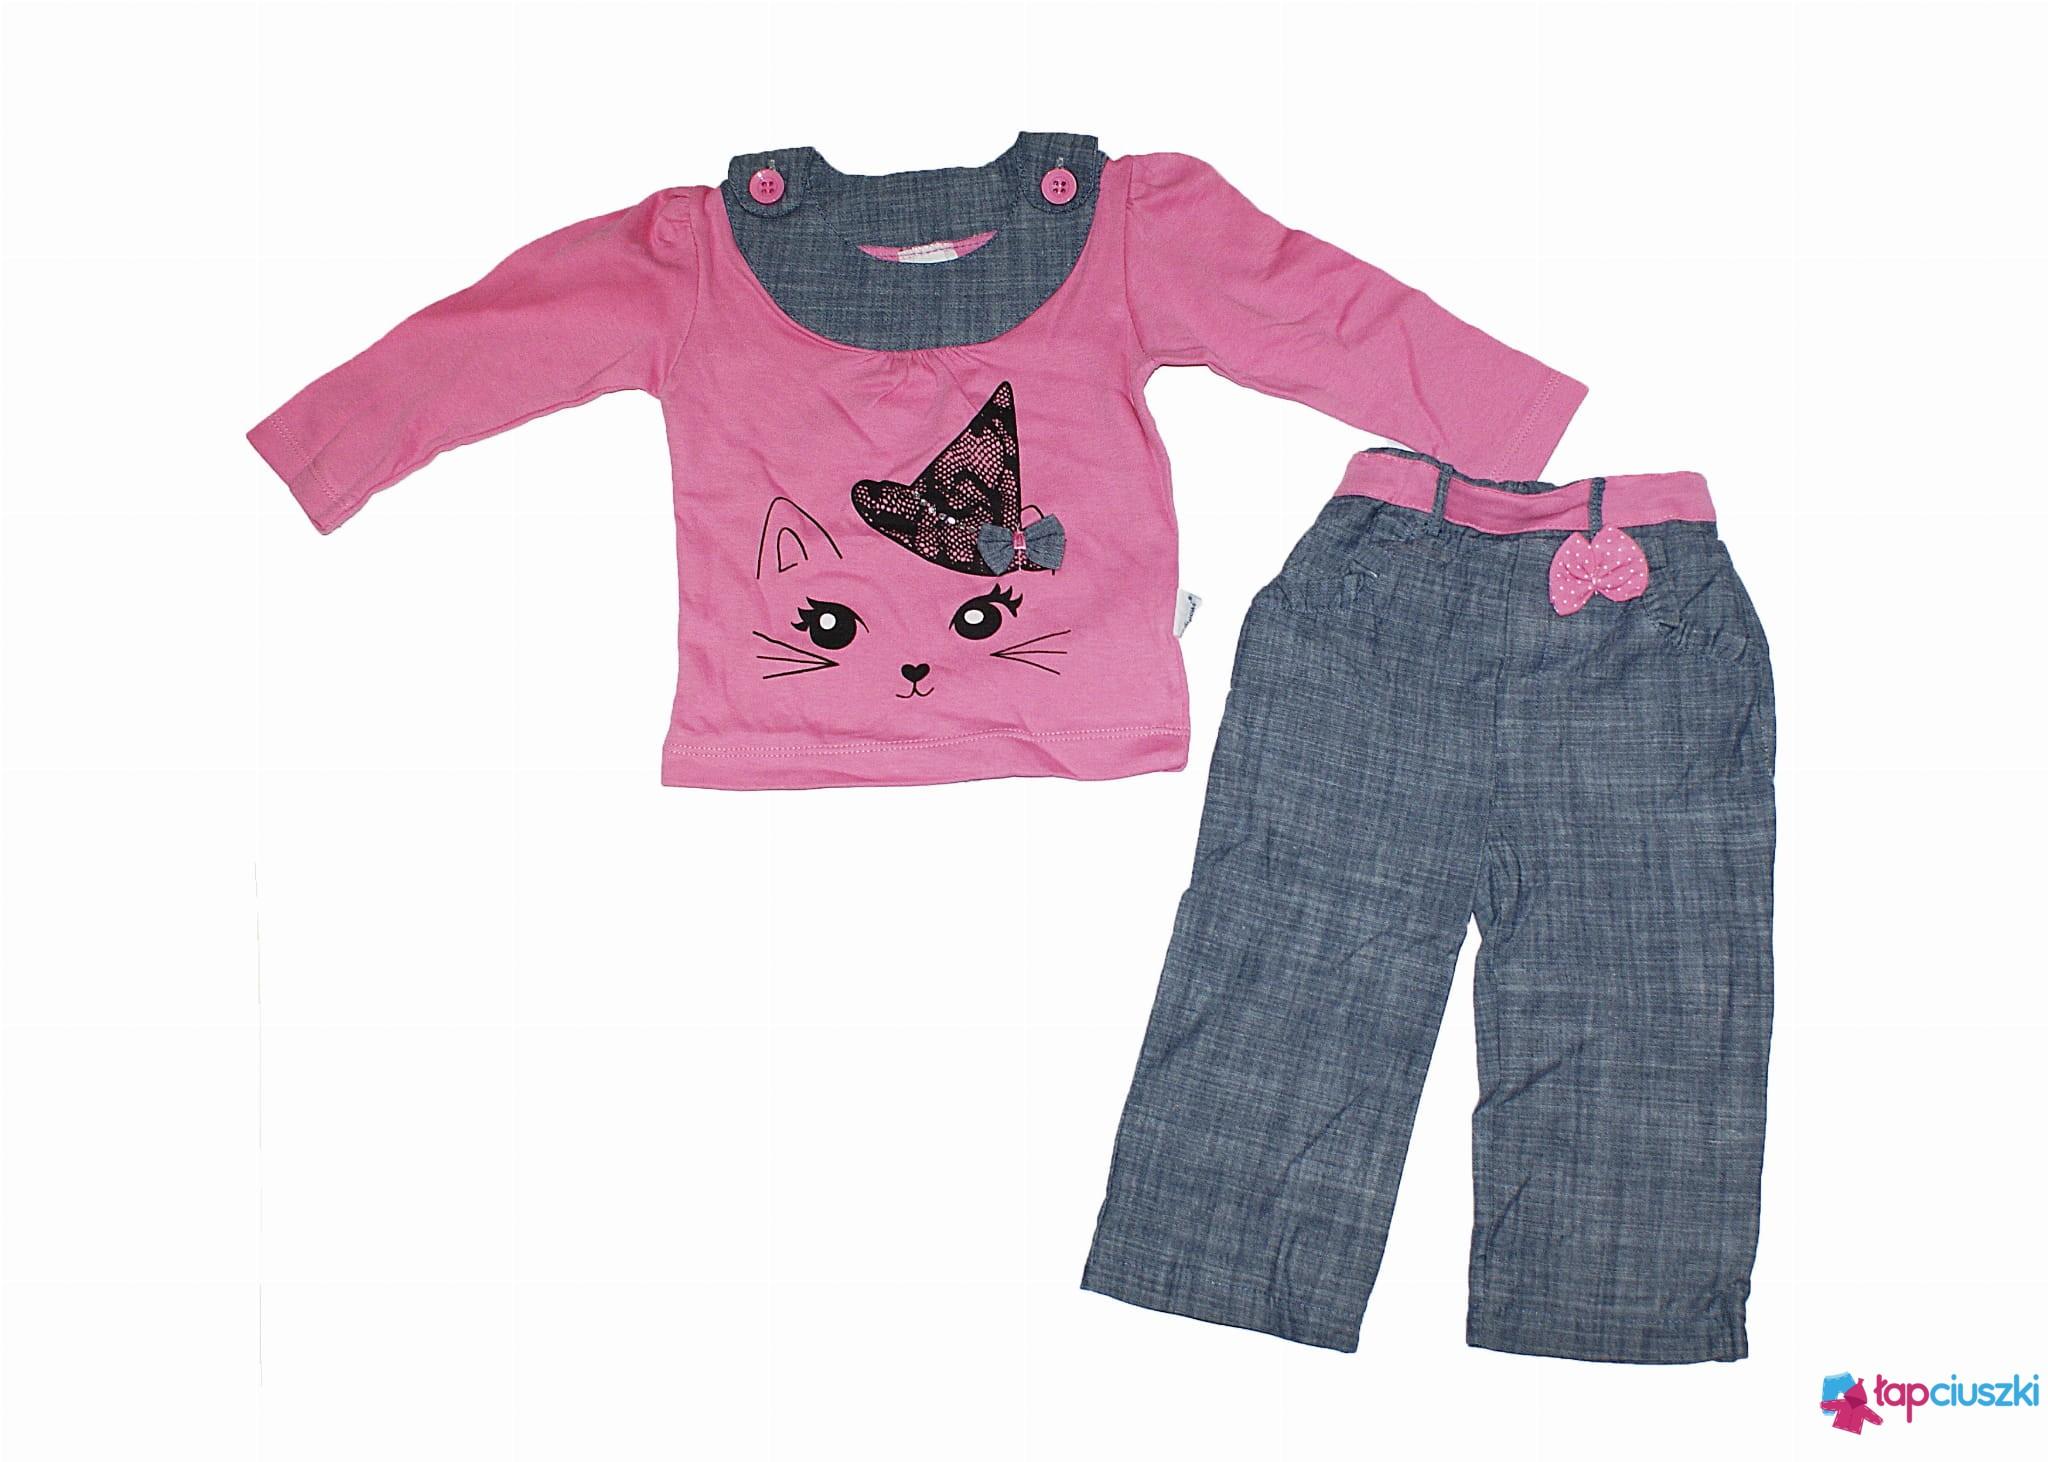 ff672e6211 Komplet 2-częściowydla dziewczynki- różowy kotek( rozm.98) lapciuszki.pl